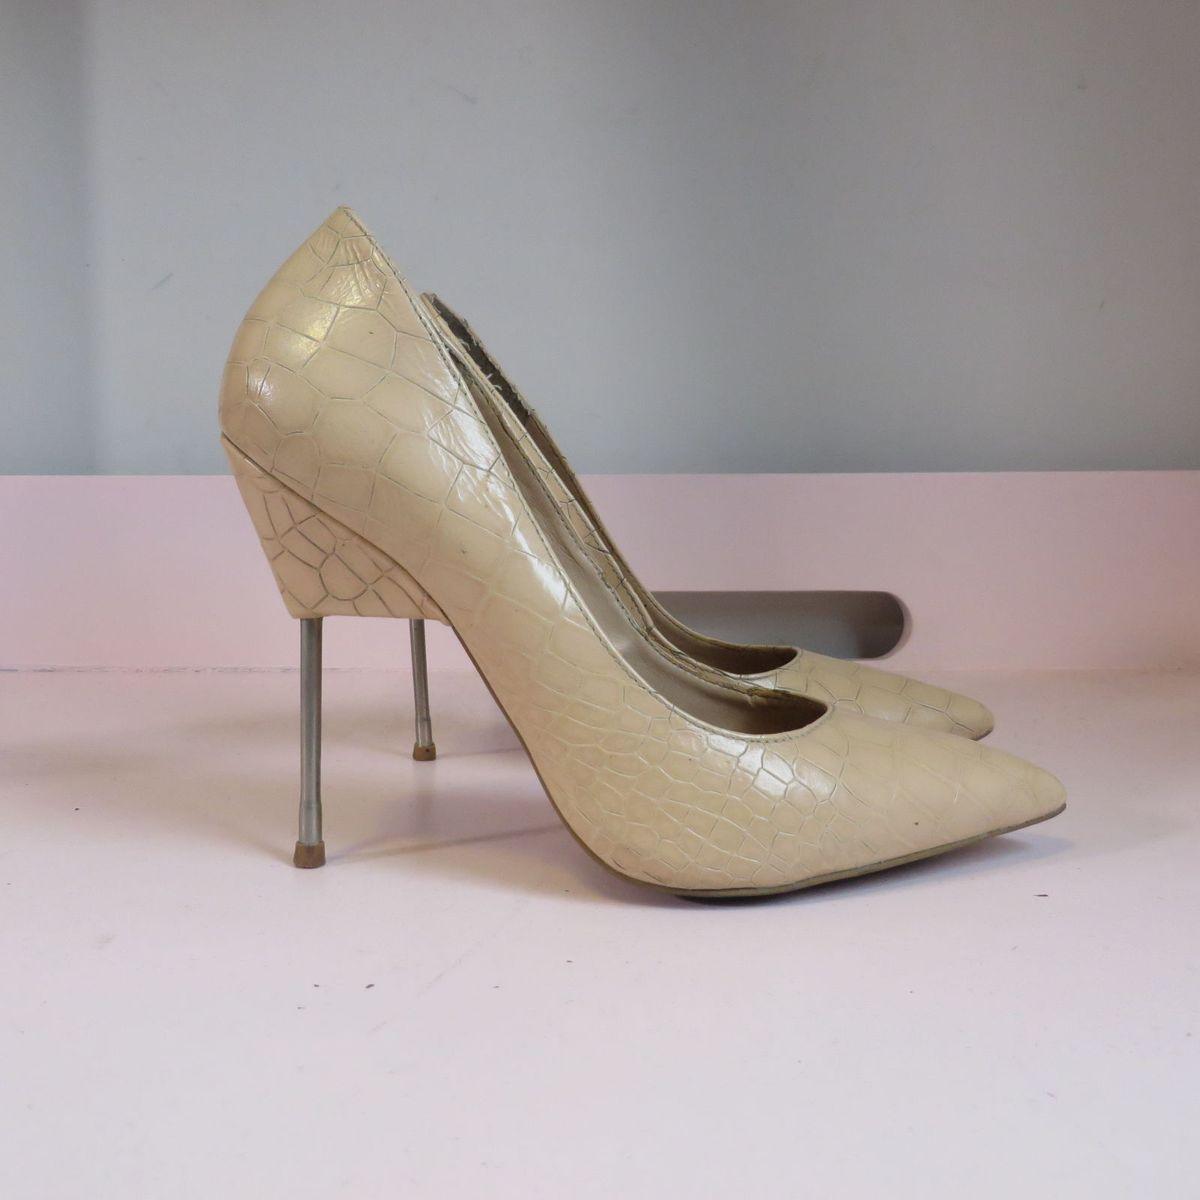 f837f6abc Scarpin Nude Santa Lolla | Sapato Feminino Santa Lolla Usado 23934418 |  enjoei